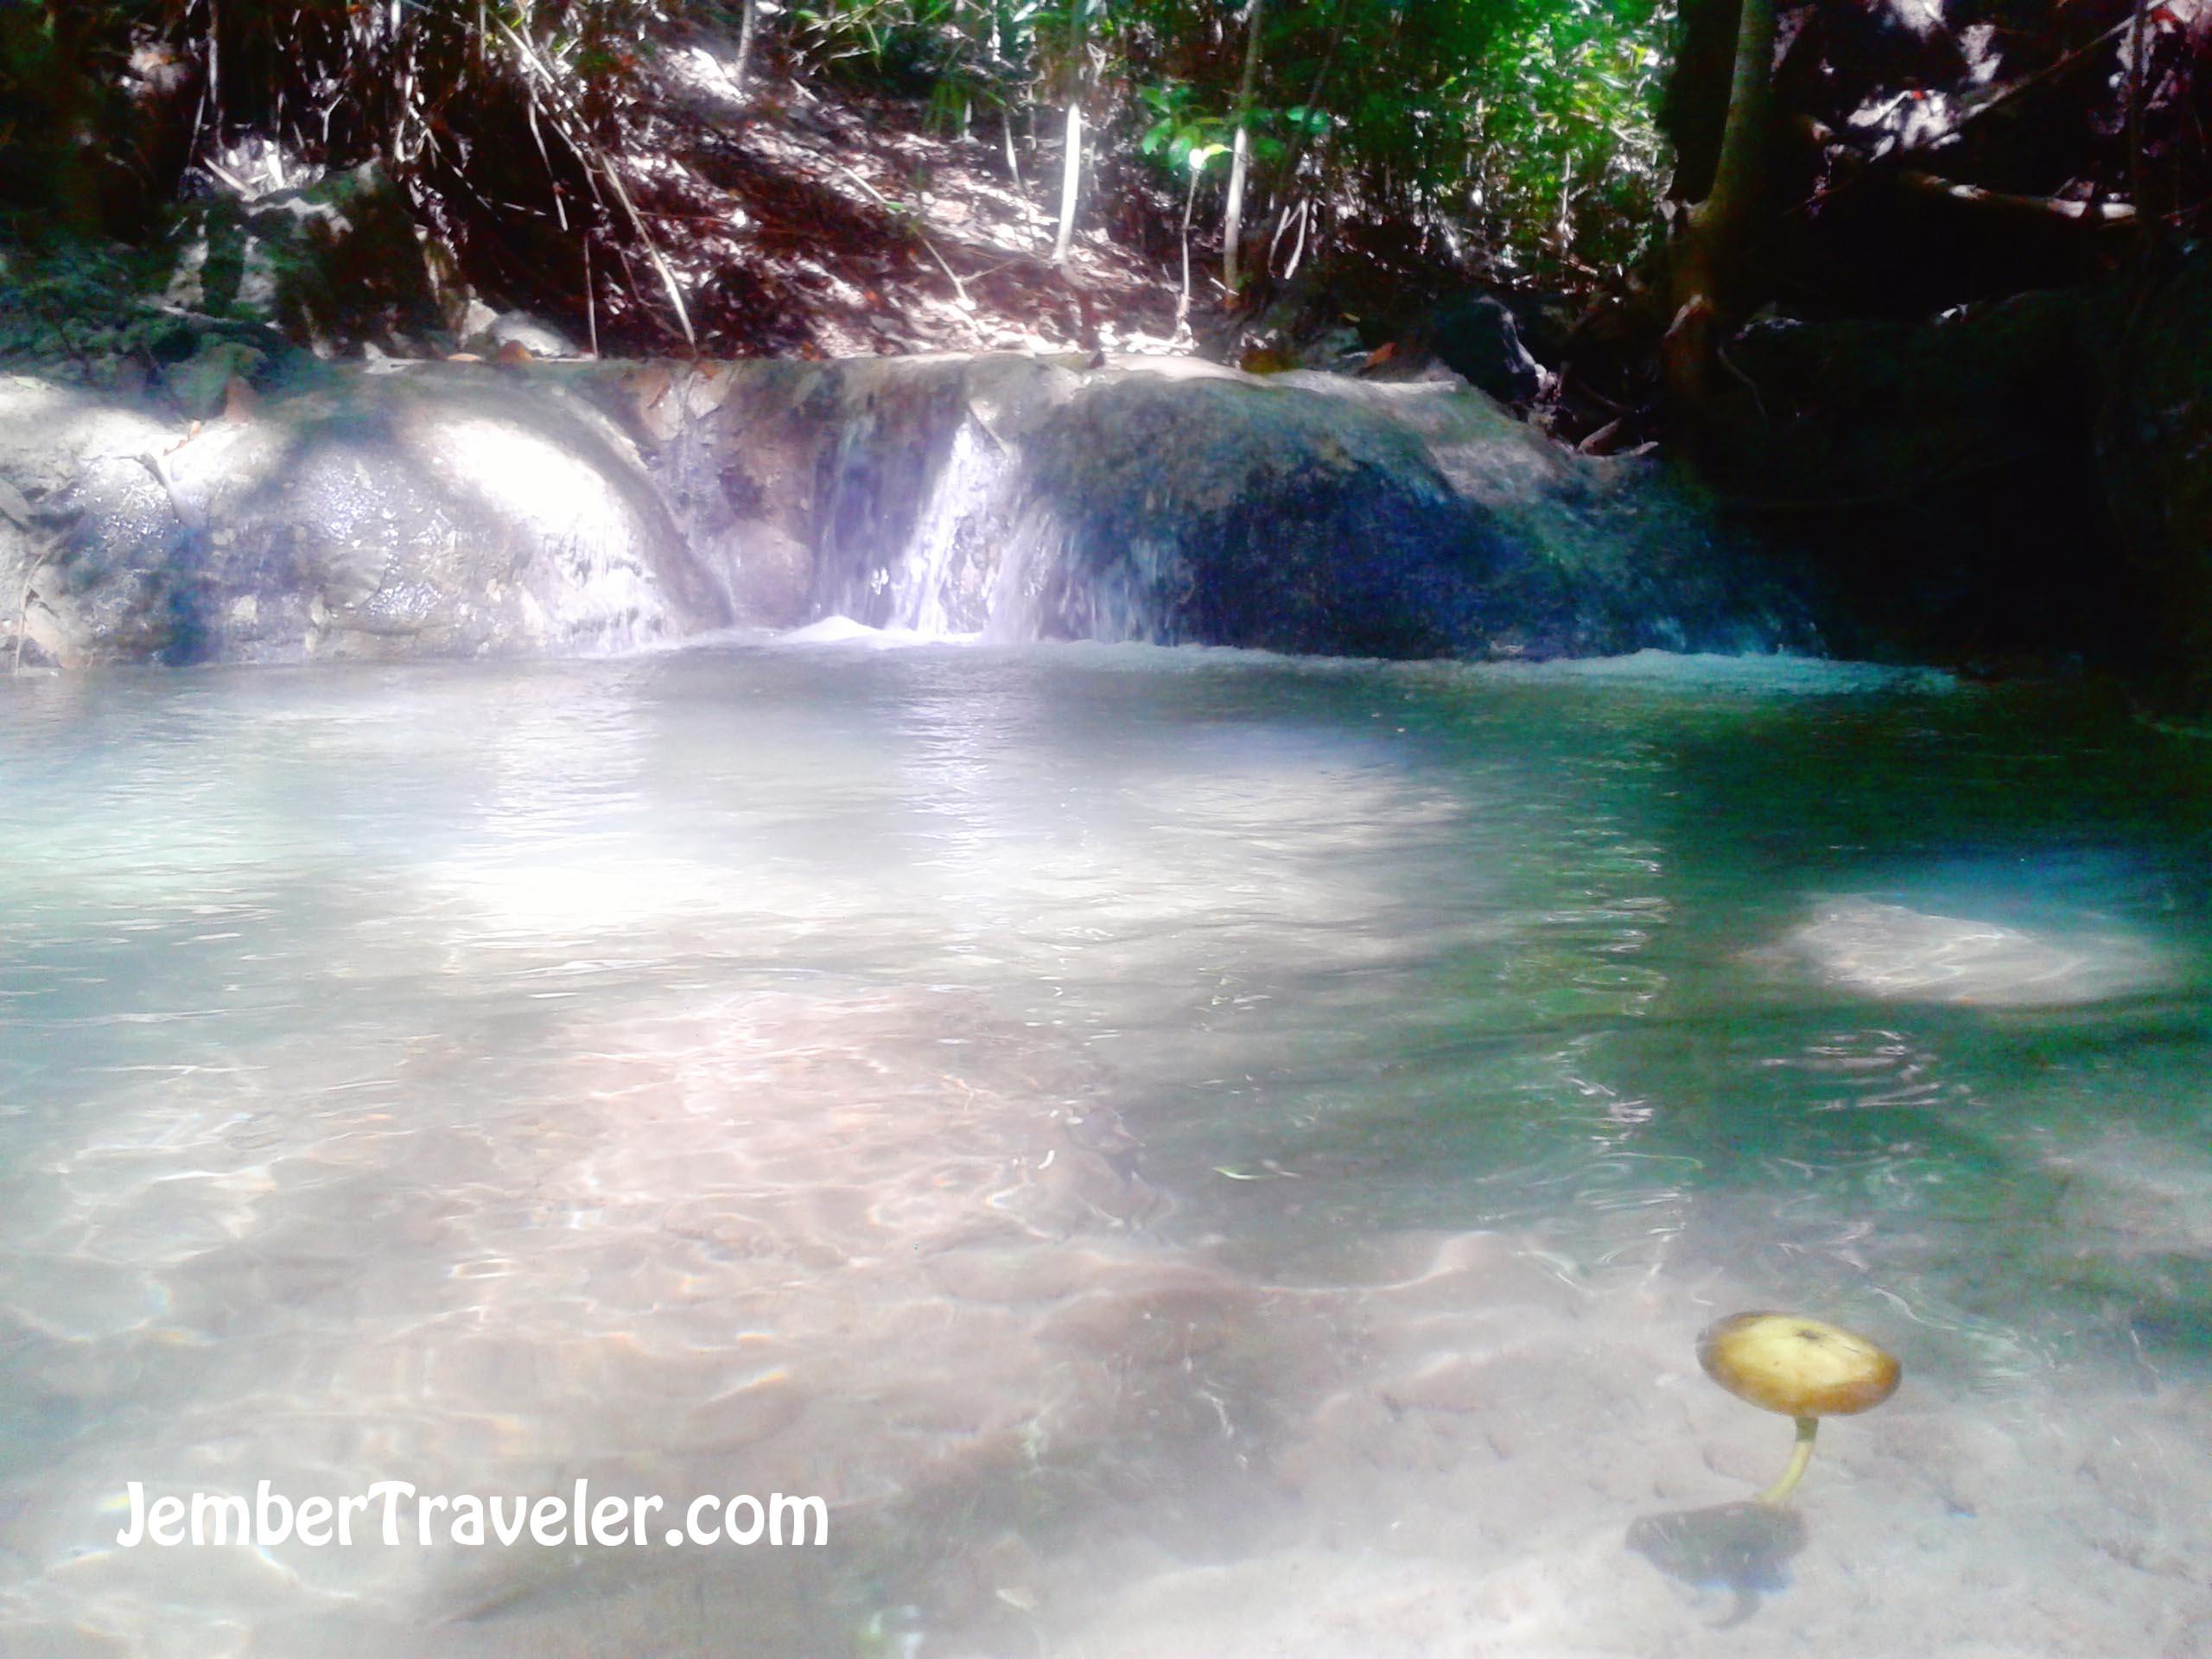 Air Terjun Maelang Jember Traveler Aliran Bawah Wisata Alam Simbat